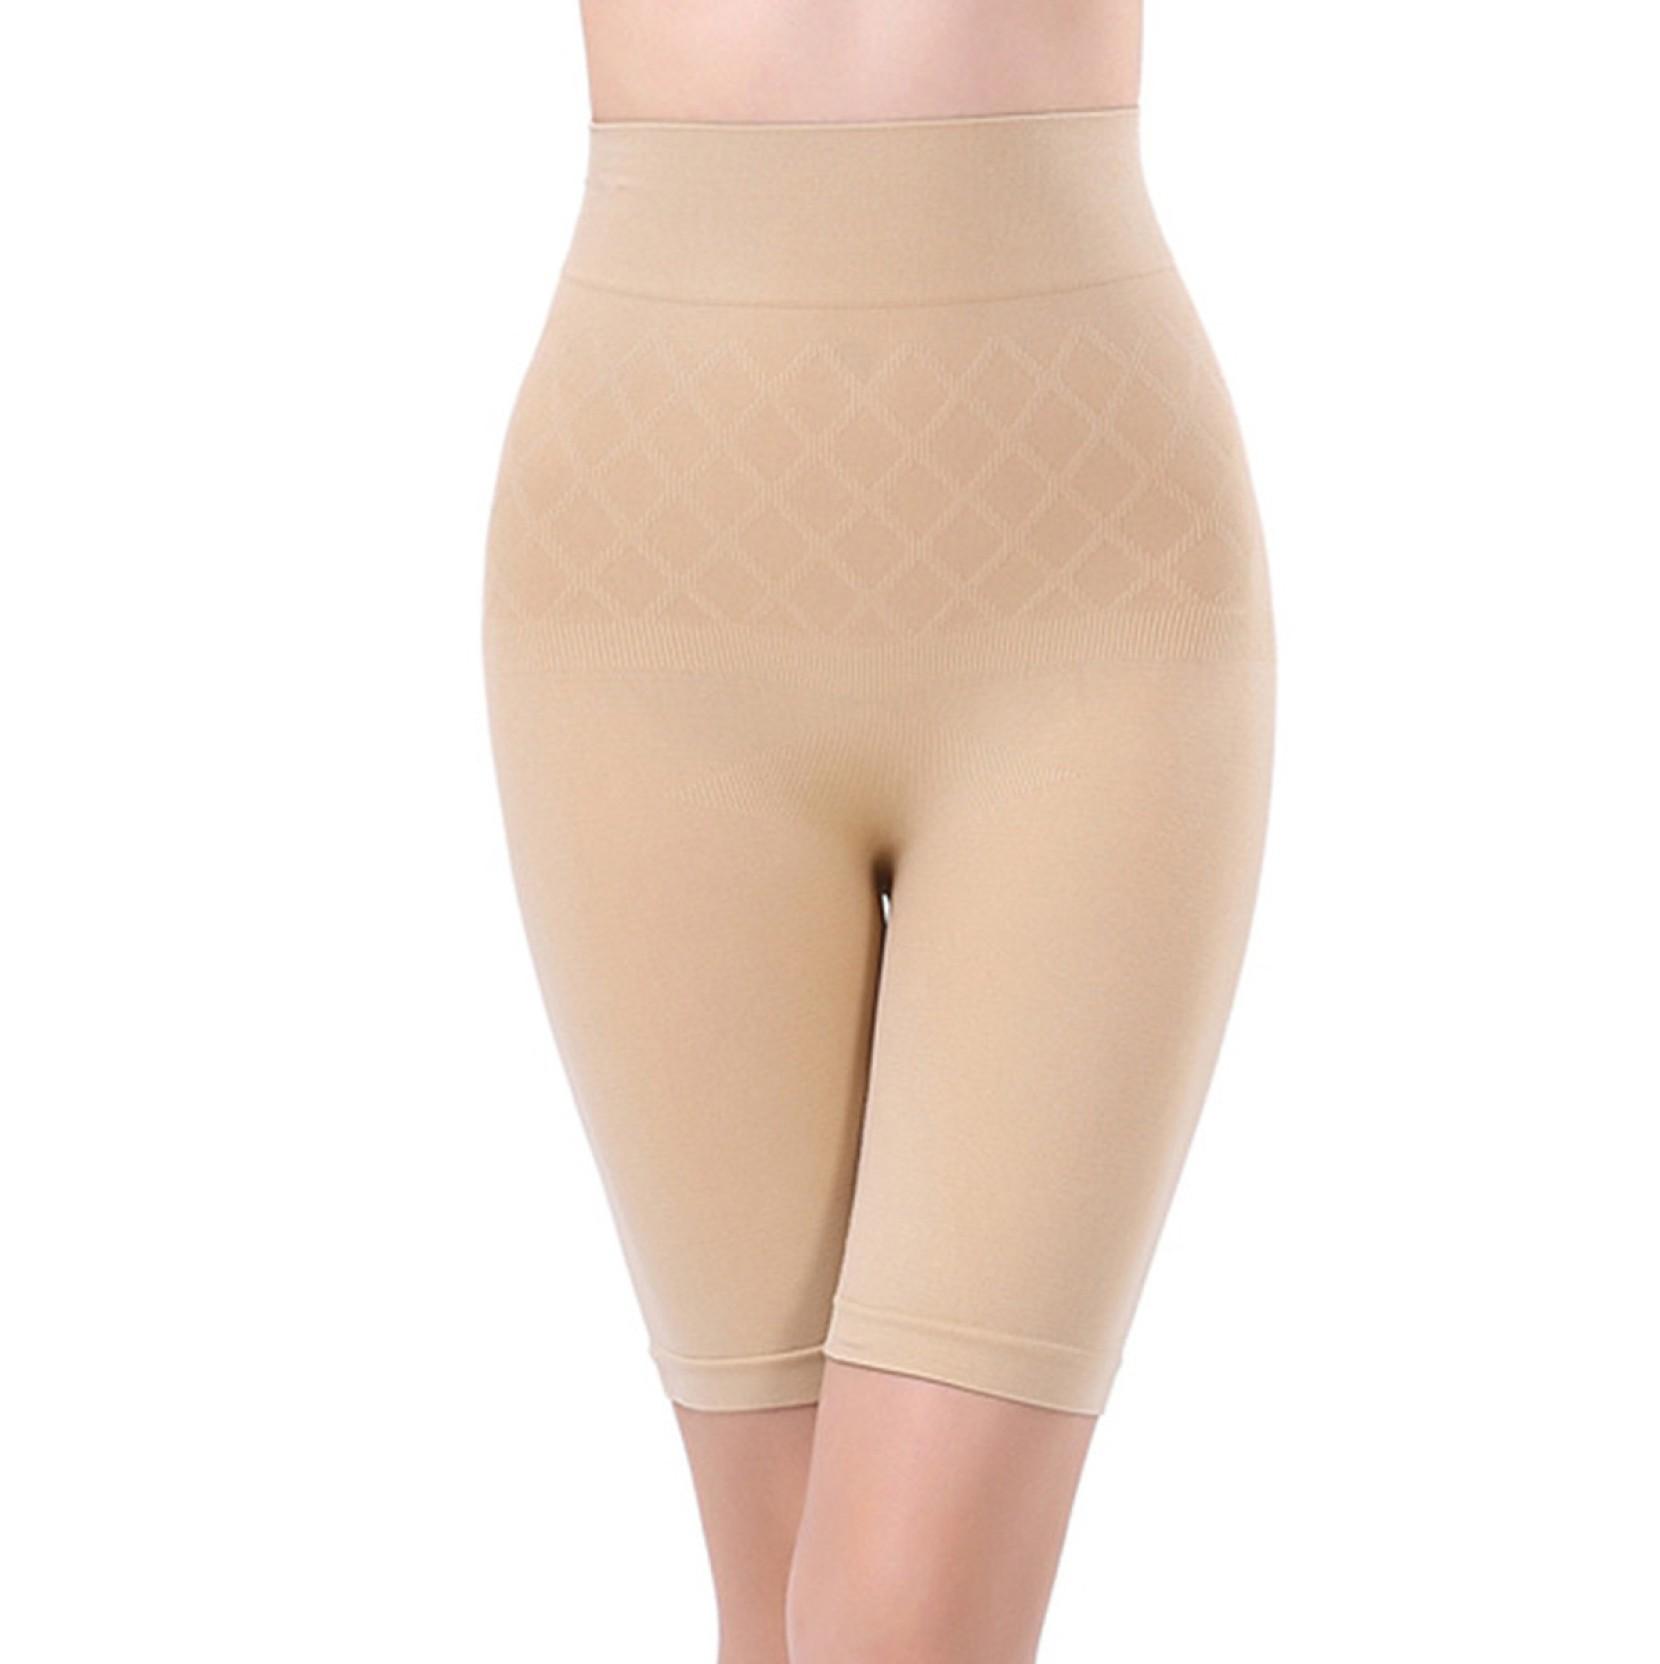 ebcf5a87a6 PrettyCat Women s Shapewear - Buy Beige PrettyCat Women s Shapewear ...